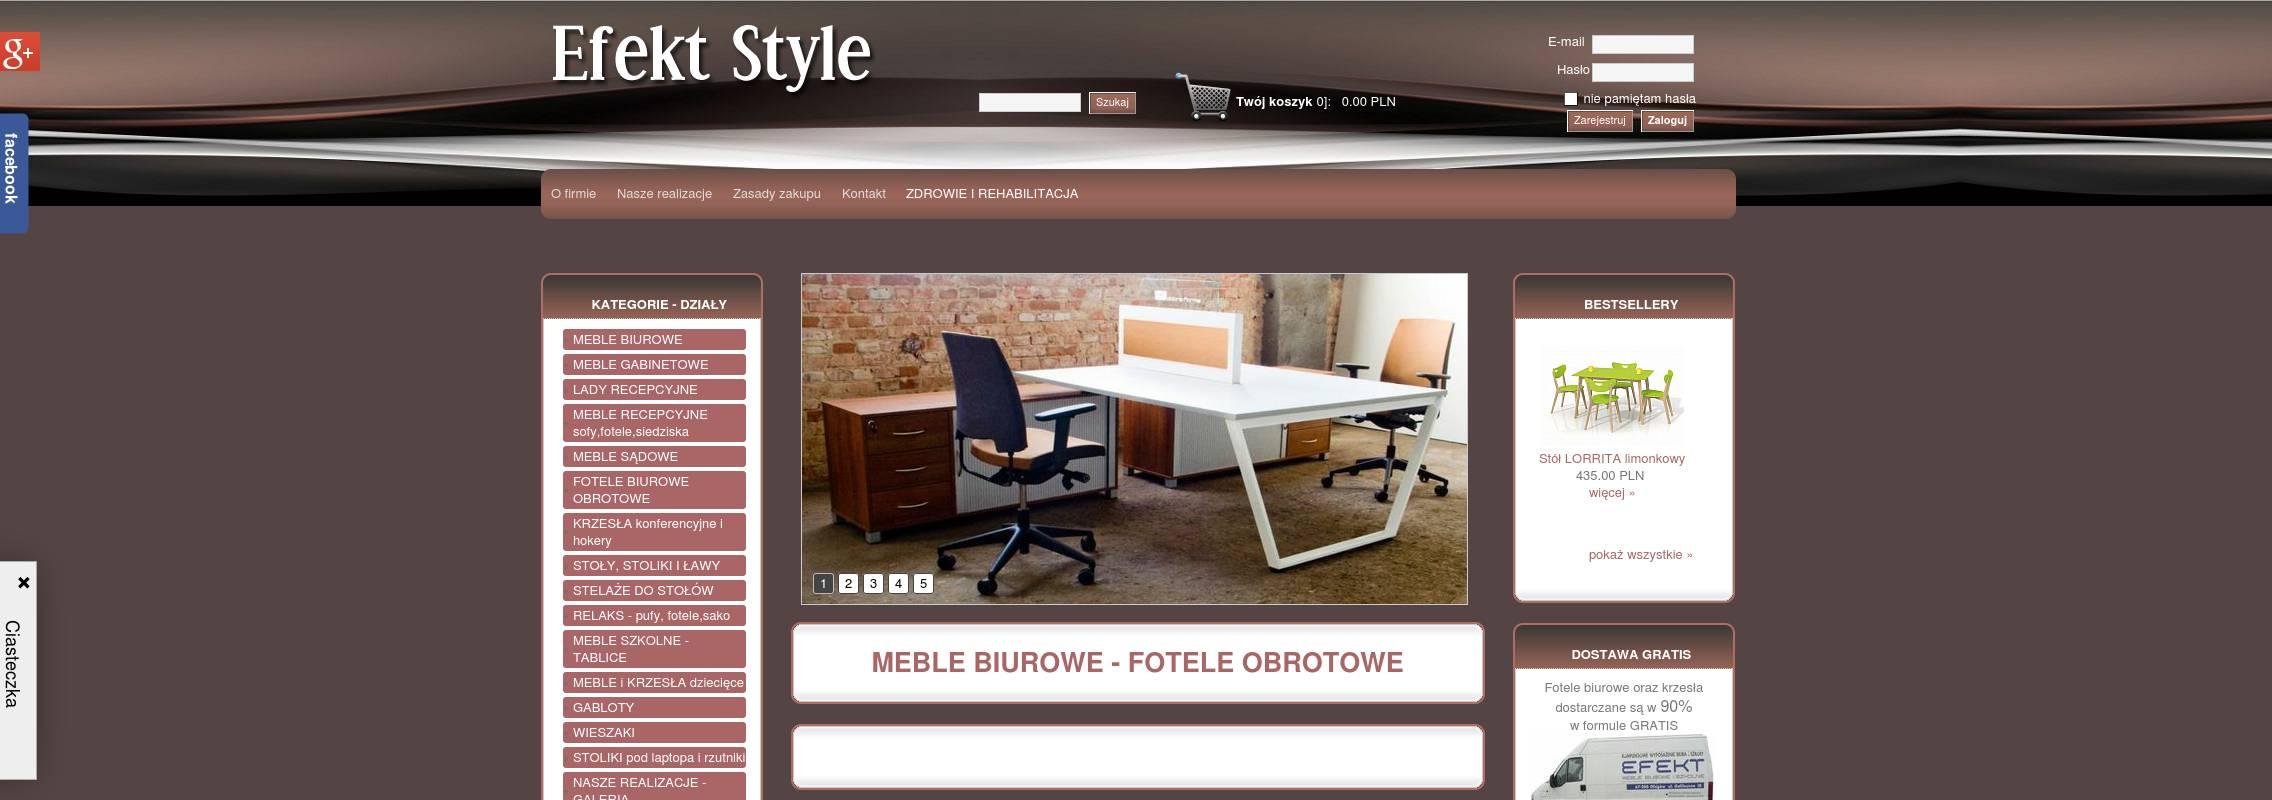 Buromobel Und Stuhle Rotary Effekt Art Polnischer Online Shop